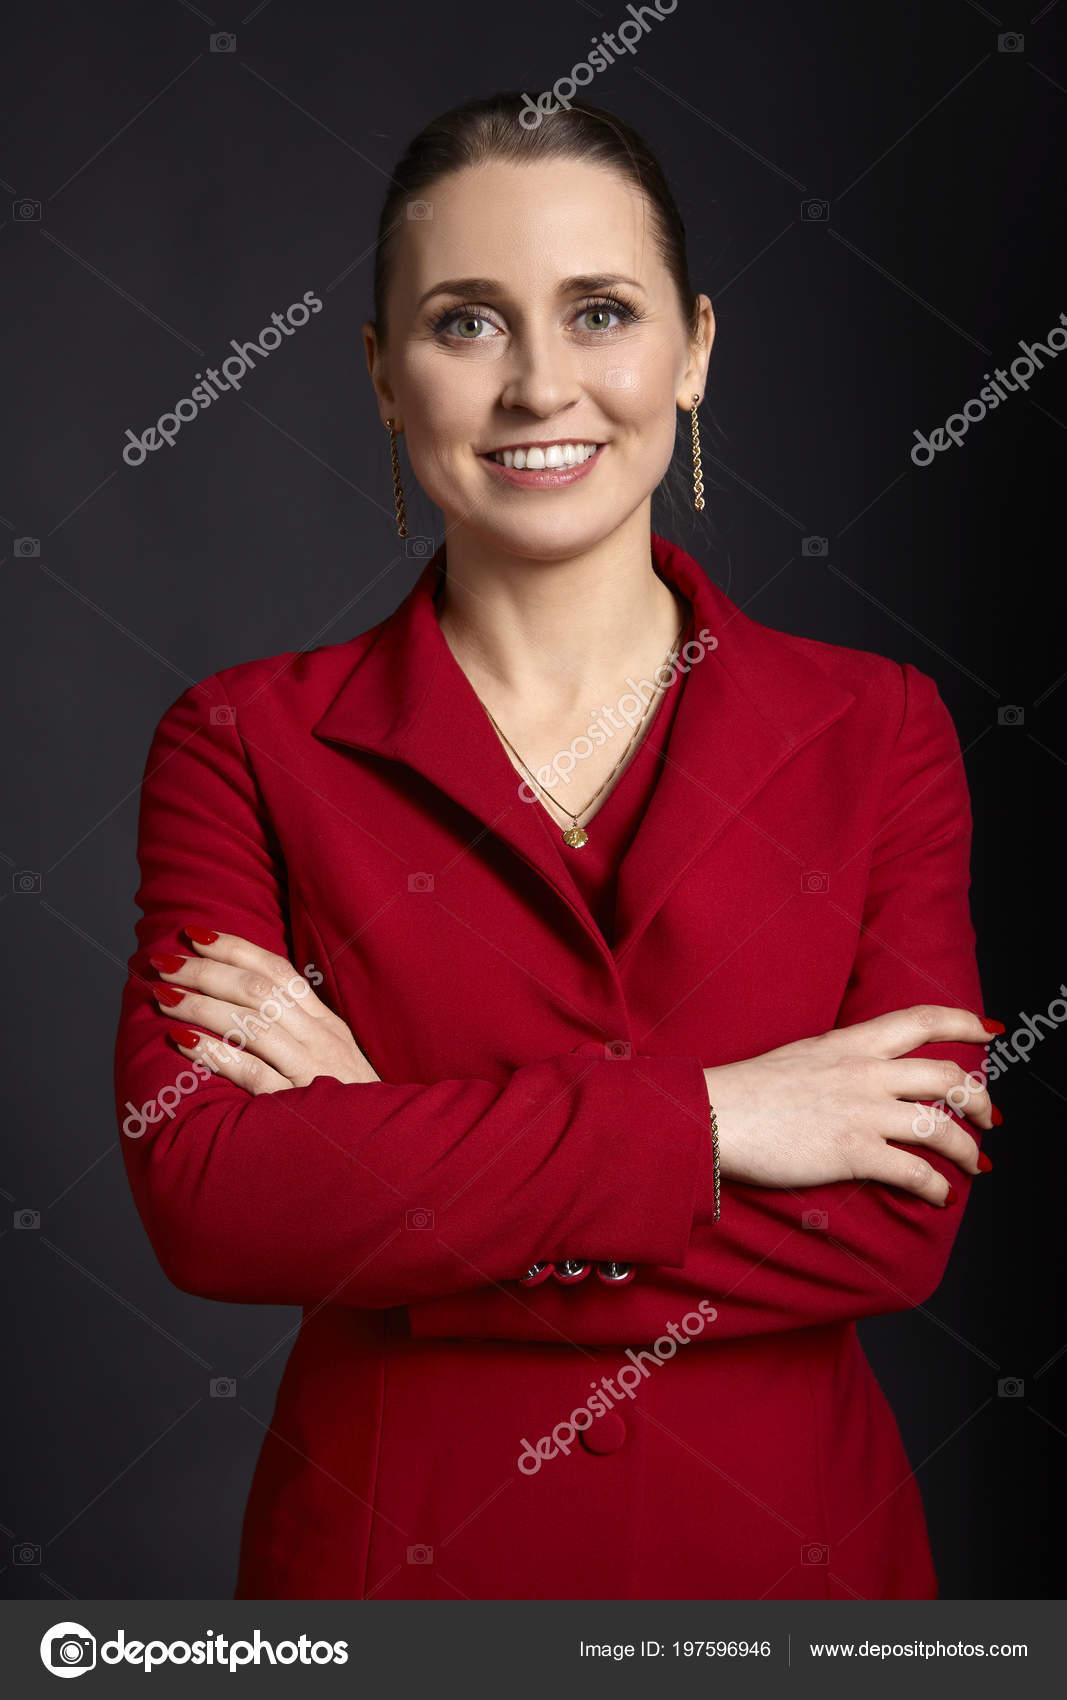 1c26b515a Retrato Mujer Negocios Joven Elegante Una Chaqueta Roja Con Blanca ...